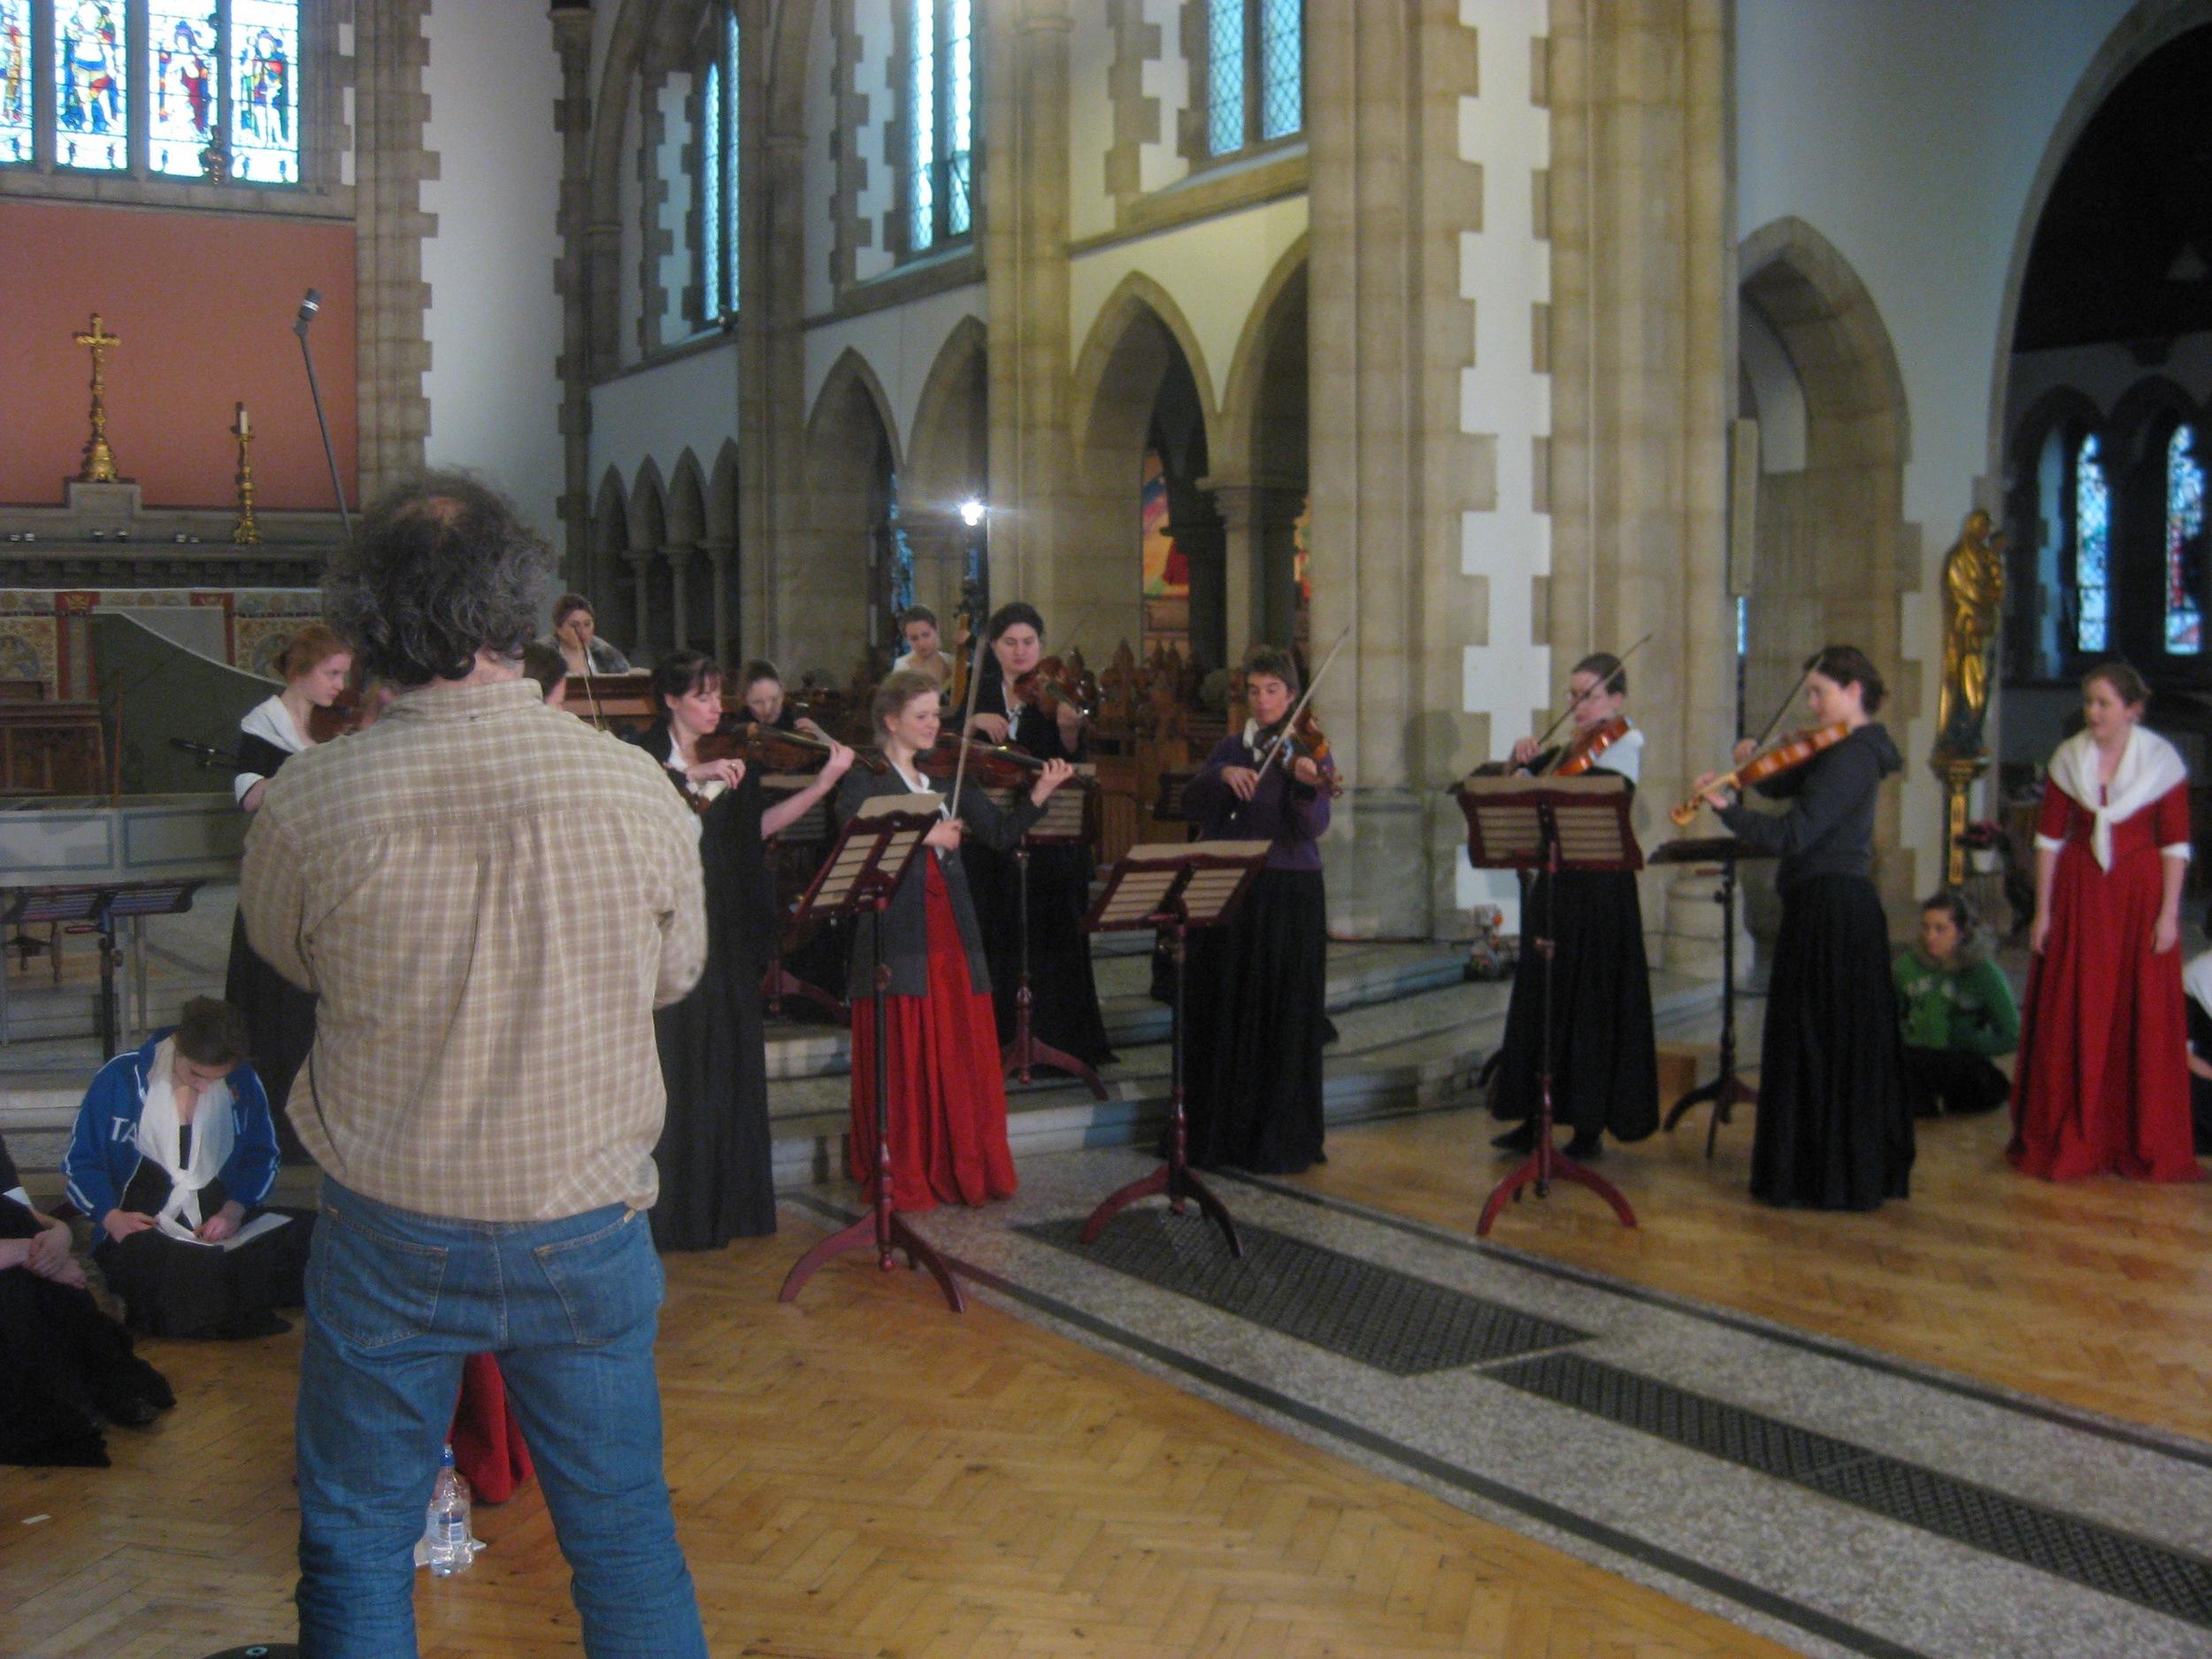 Vivaldi's Women: Filming Documentary